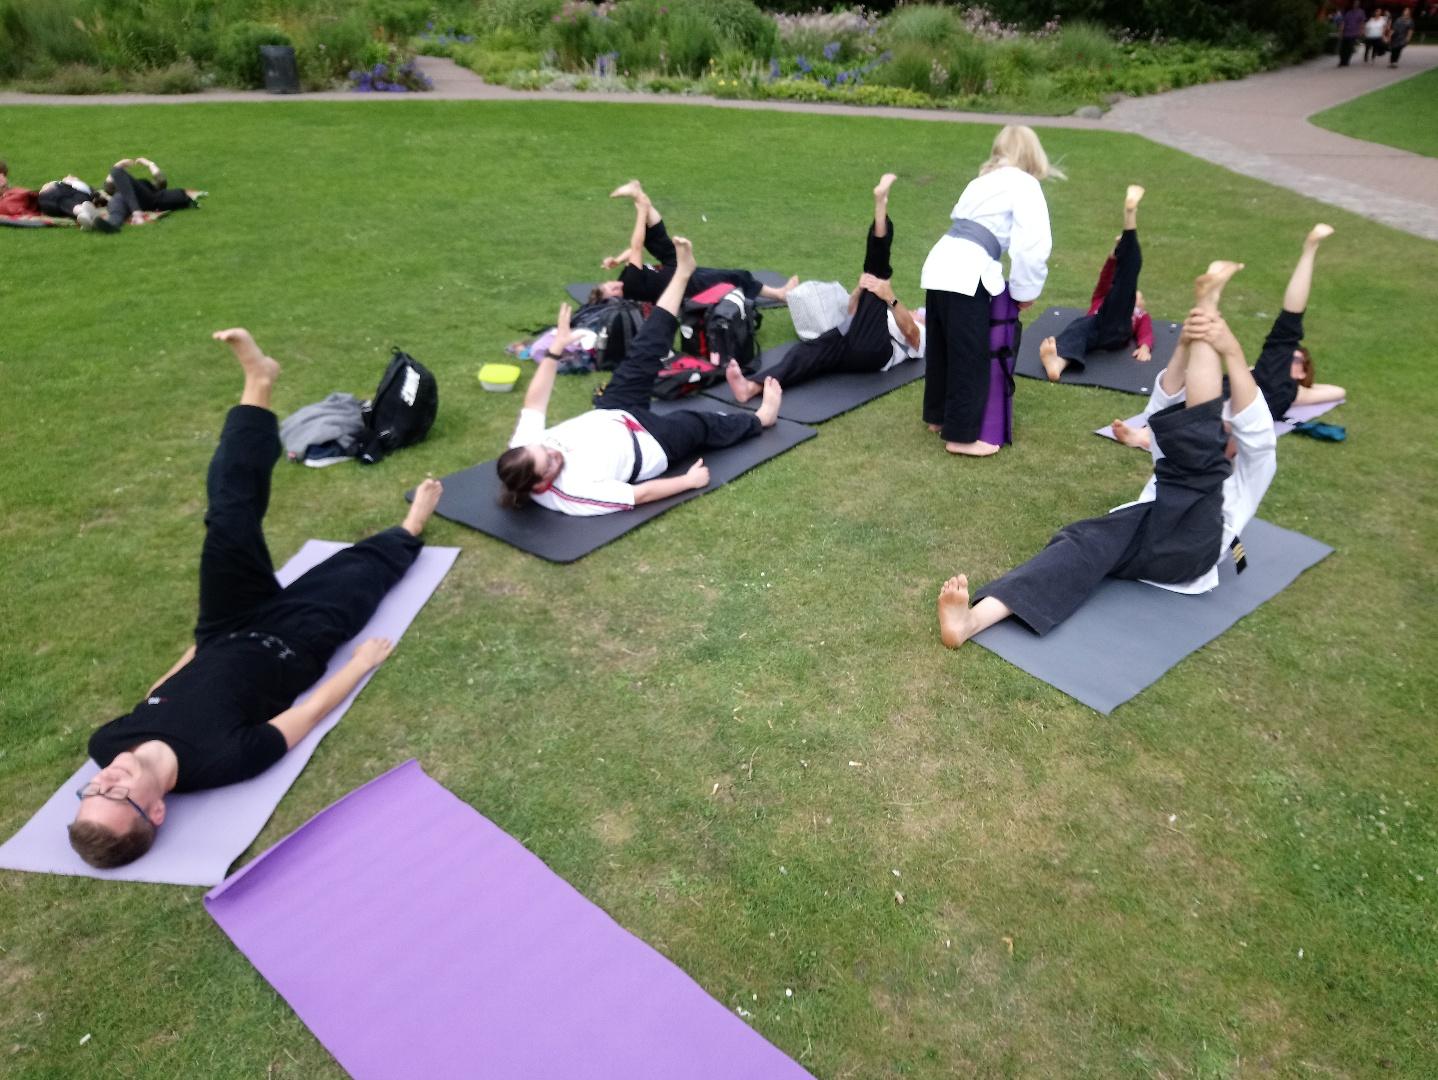 Stretchübungen, um Energiewege zu öffnen